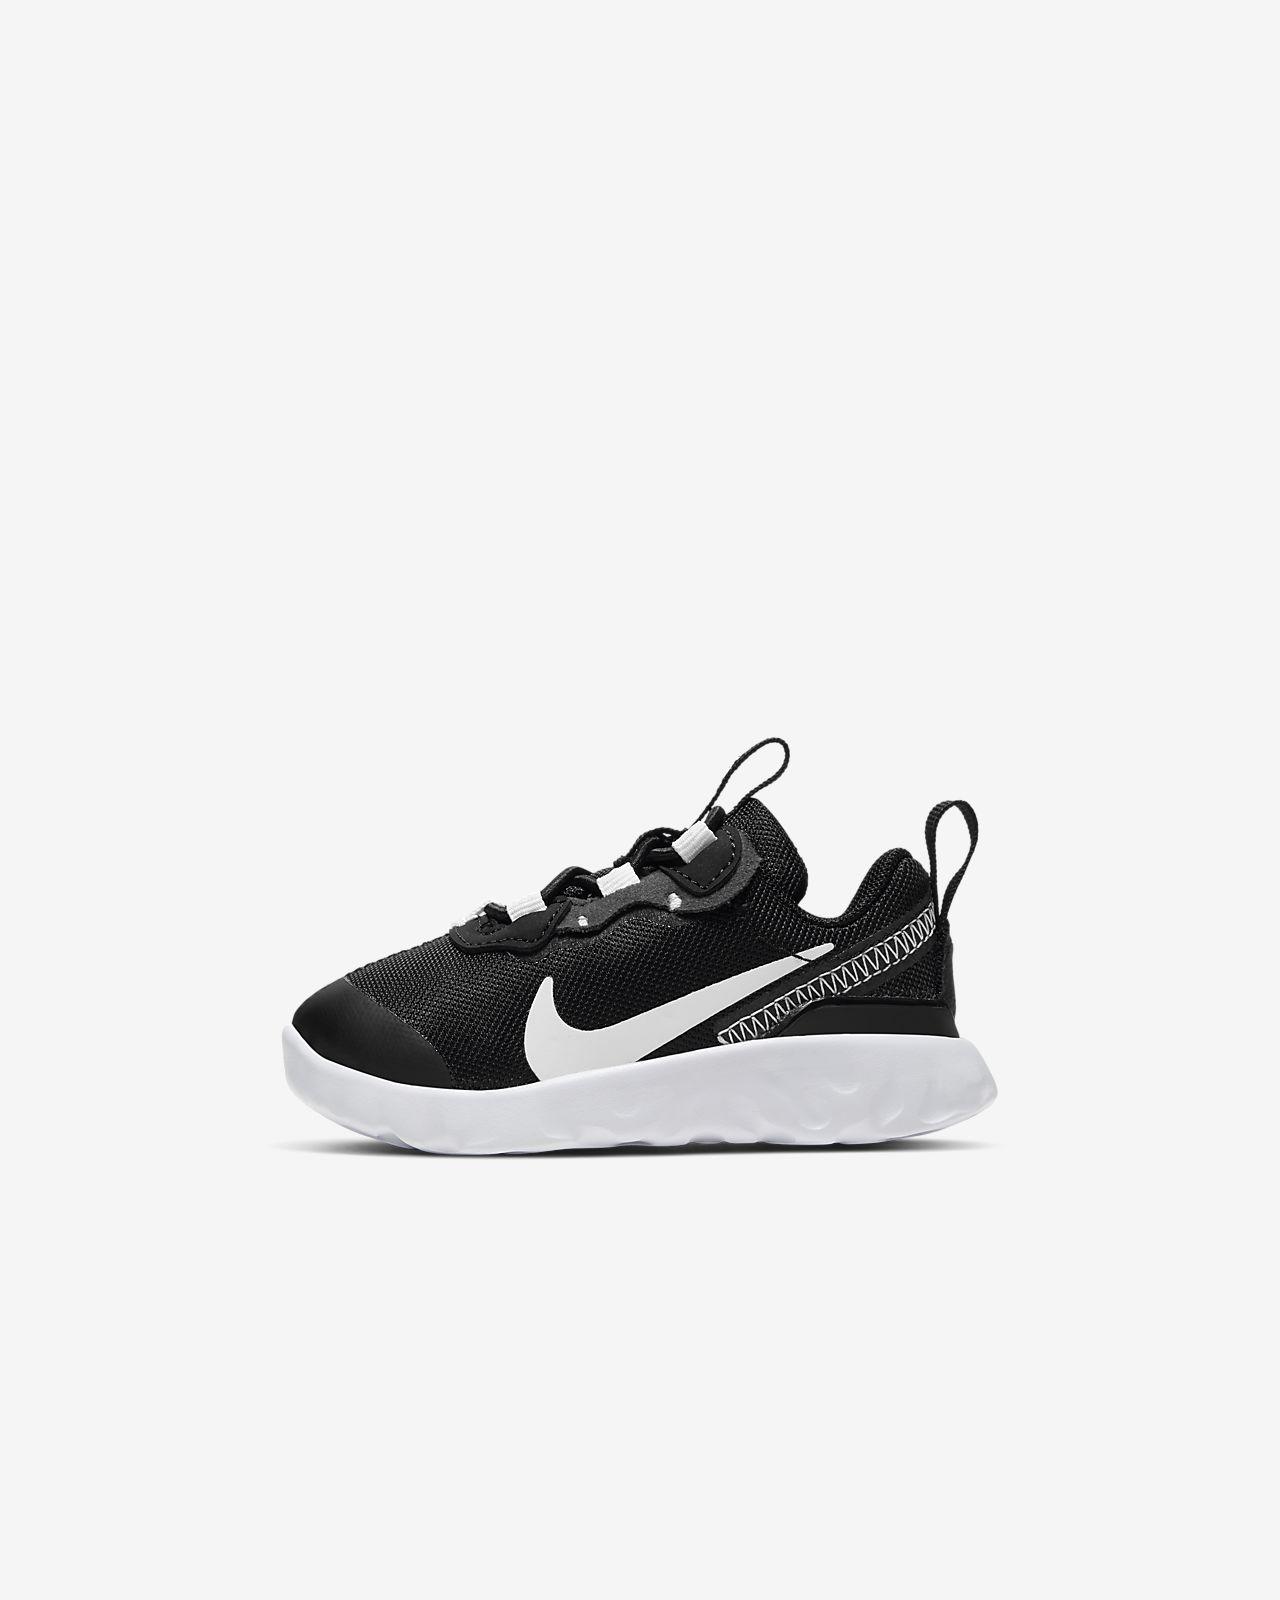 Sko Nike Element 55 för baby/små barn